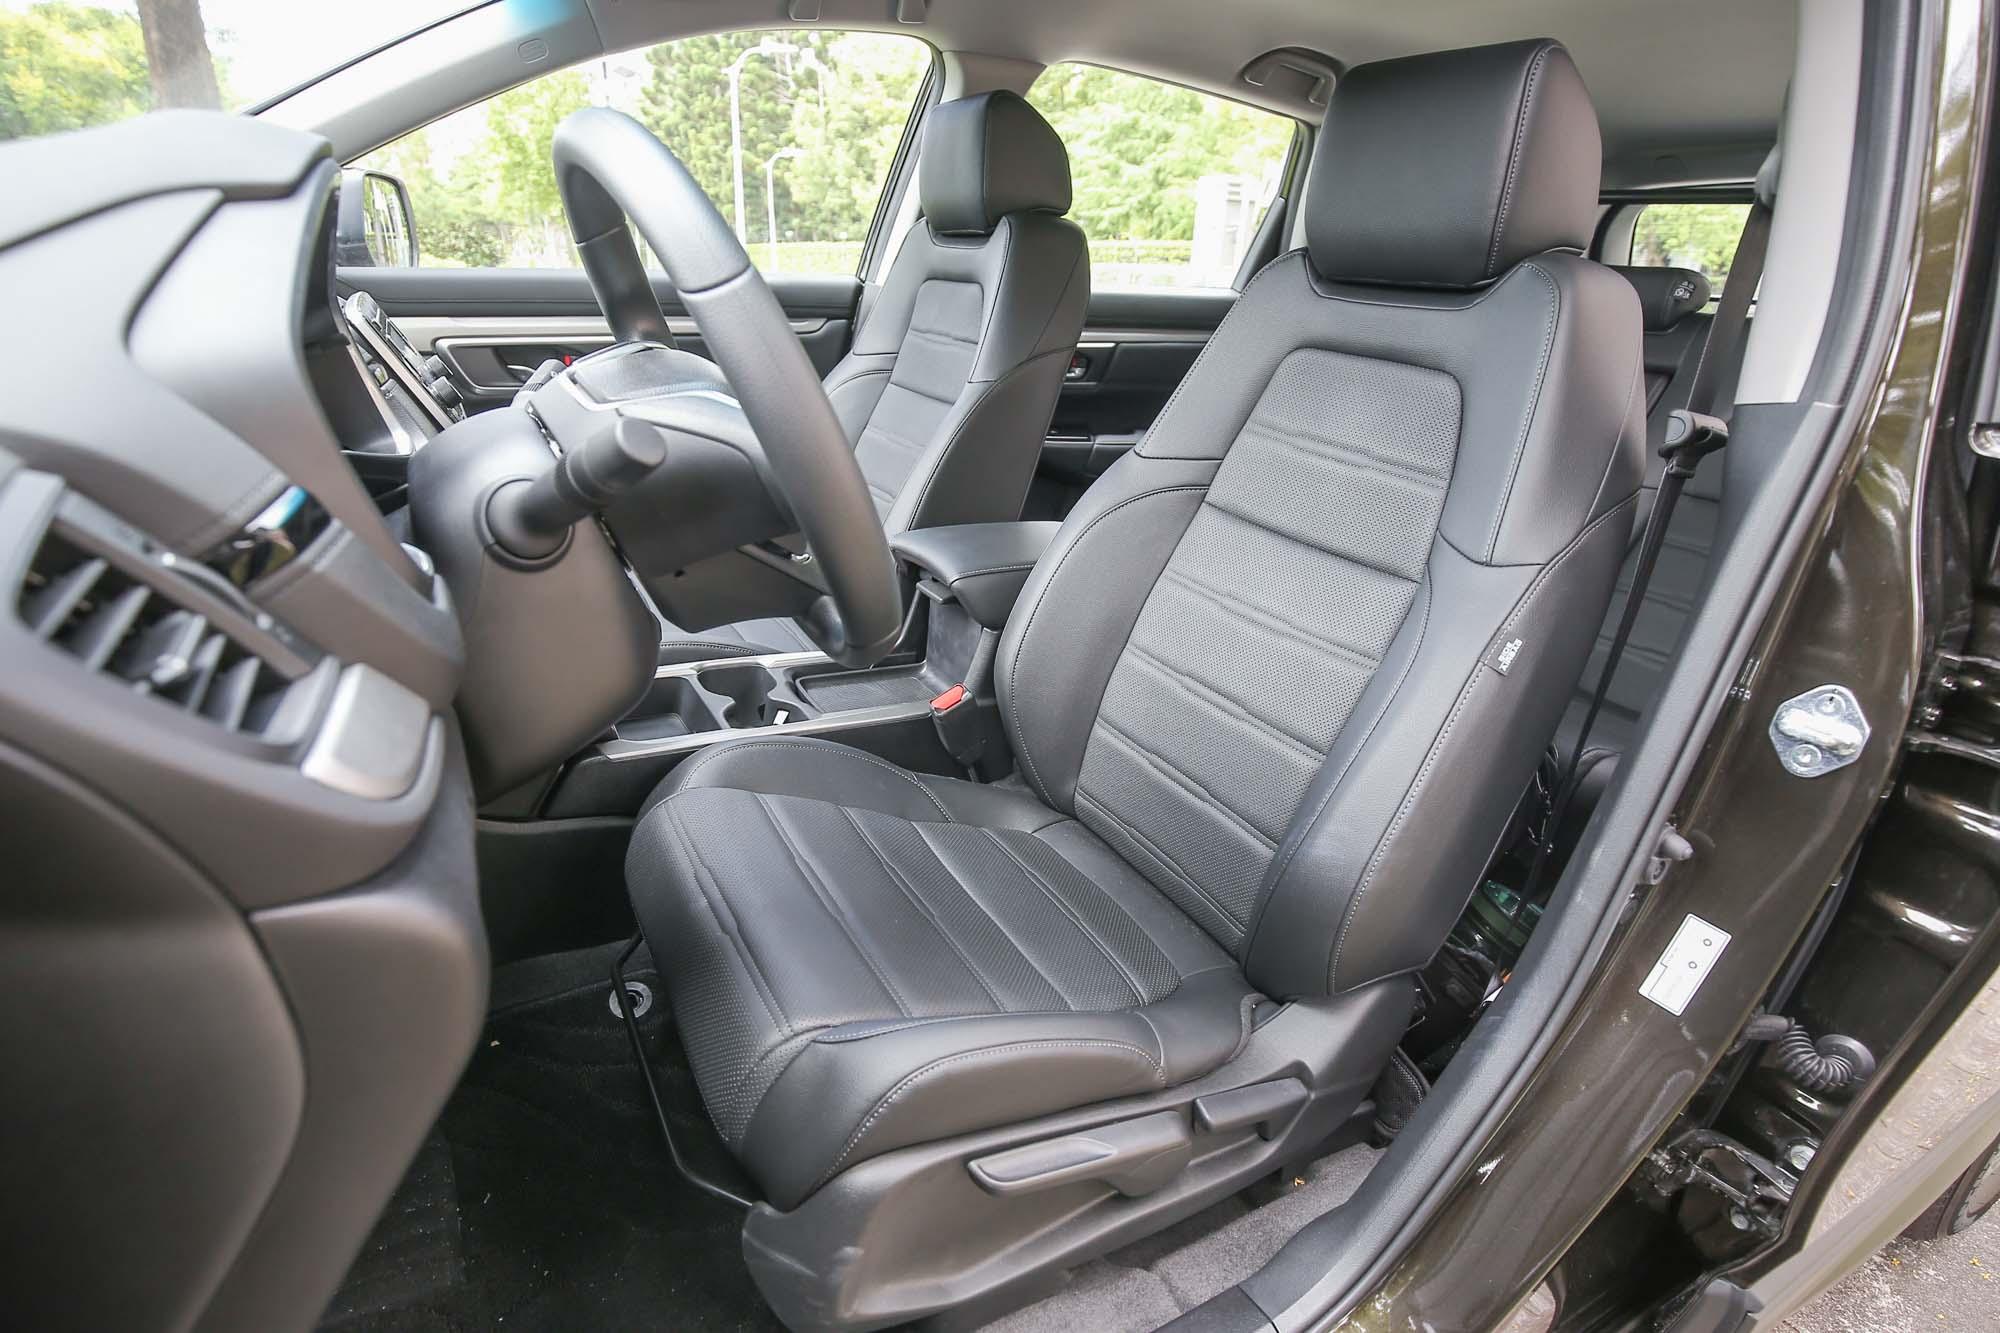 雖然入門 VTi 車型前排座椅為手動調整,但頂規的 S 車型則有同級唯一的左右電動座椅設計。